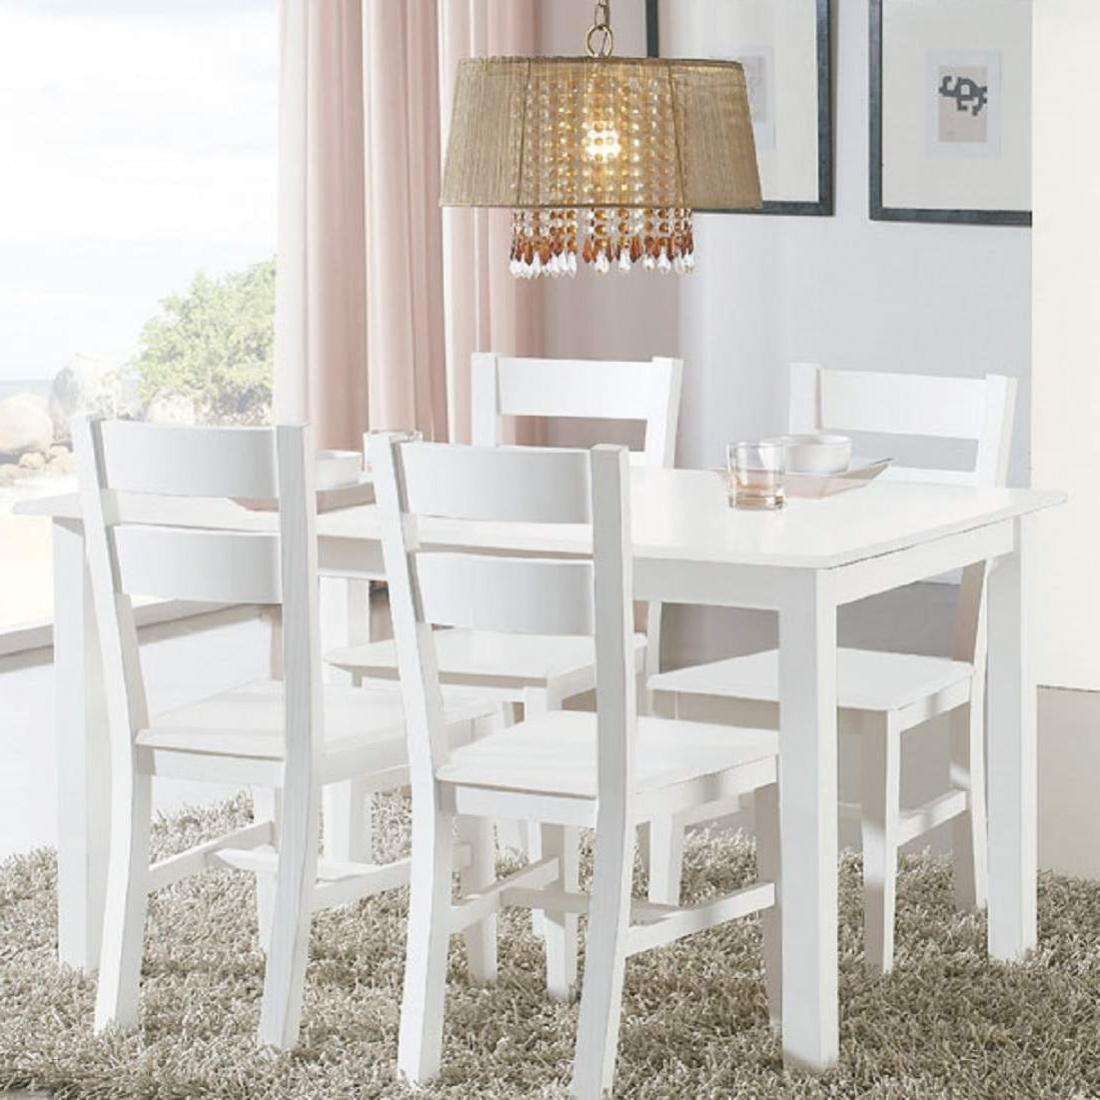 Mesa Comedor Blanca Extensible Dddy Muebles De Edor Con Mesa Extensible En Blanco Lacado Madera Maciza